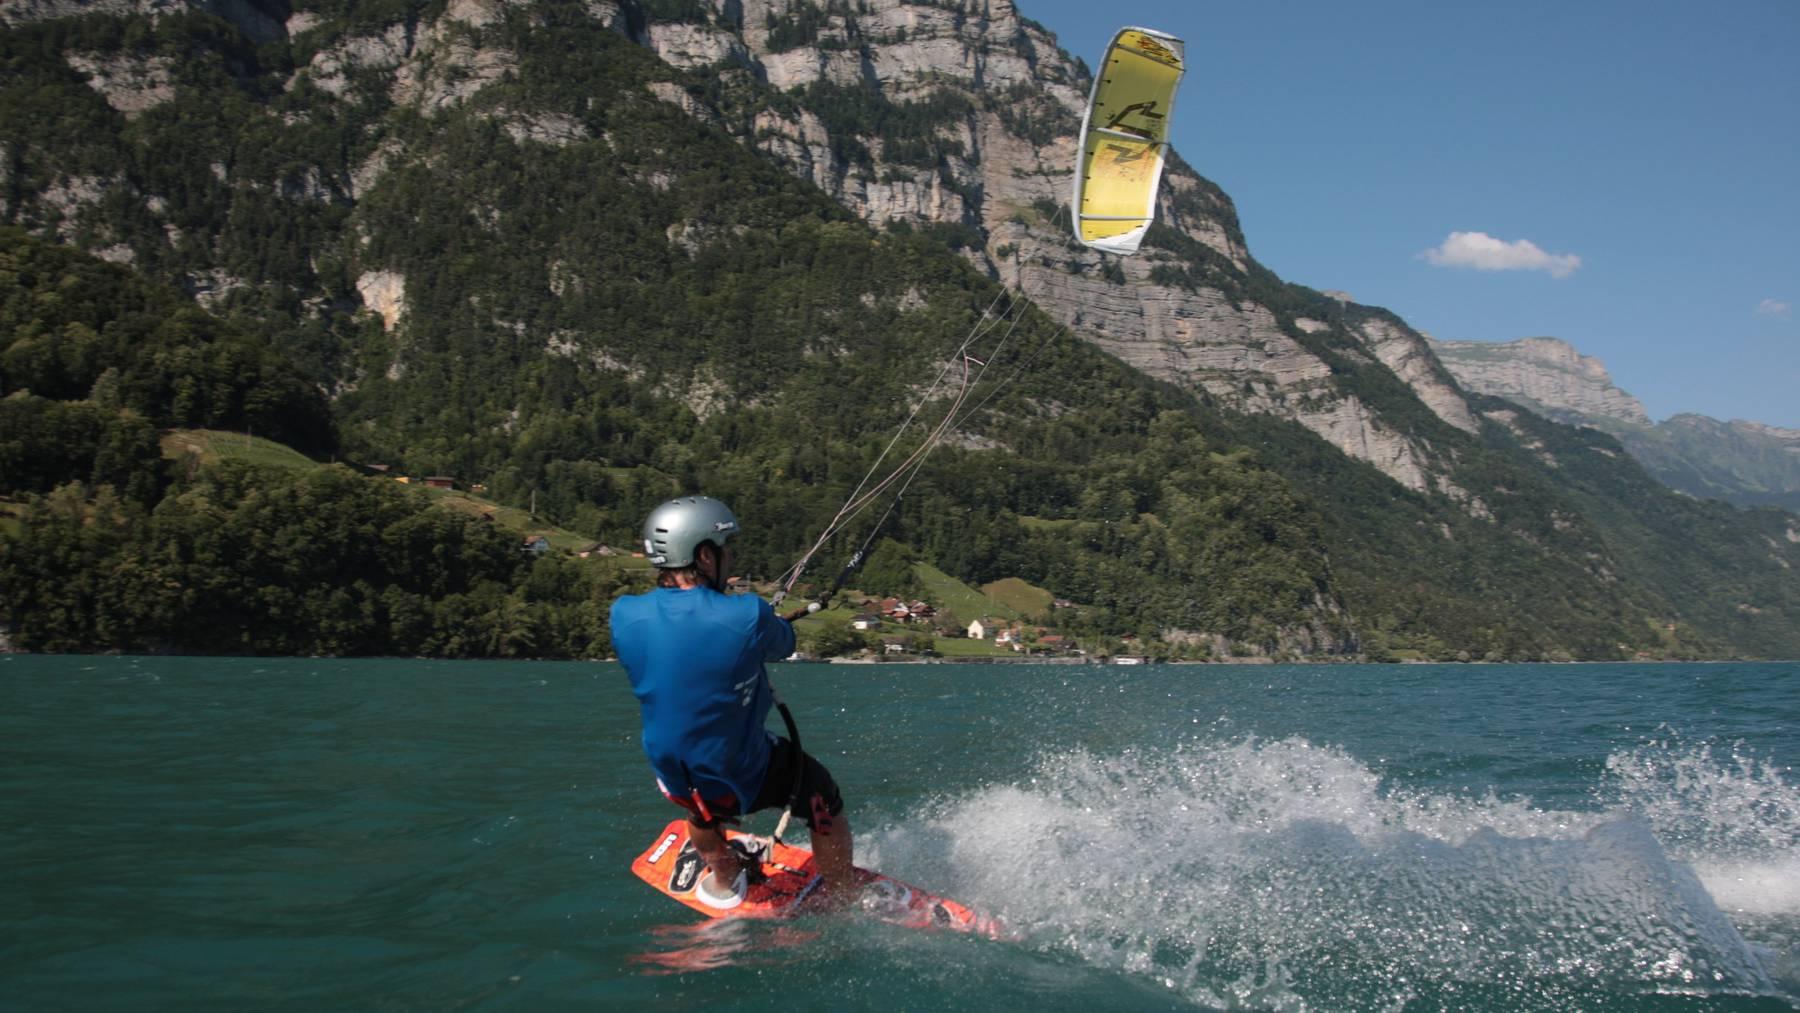 Ein Kitesurfer auf dem Walensee.